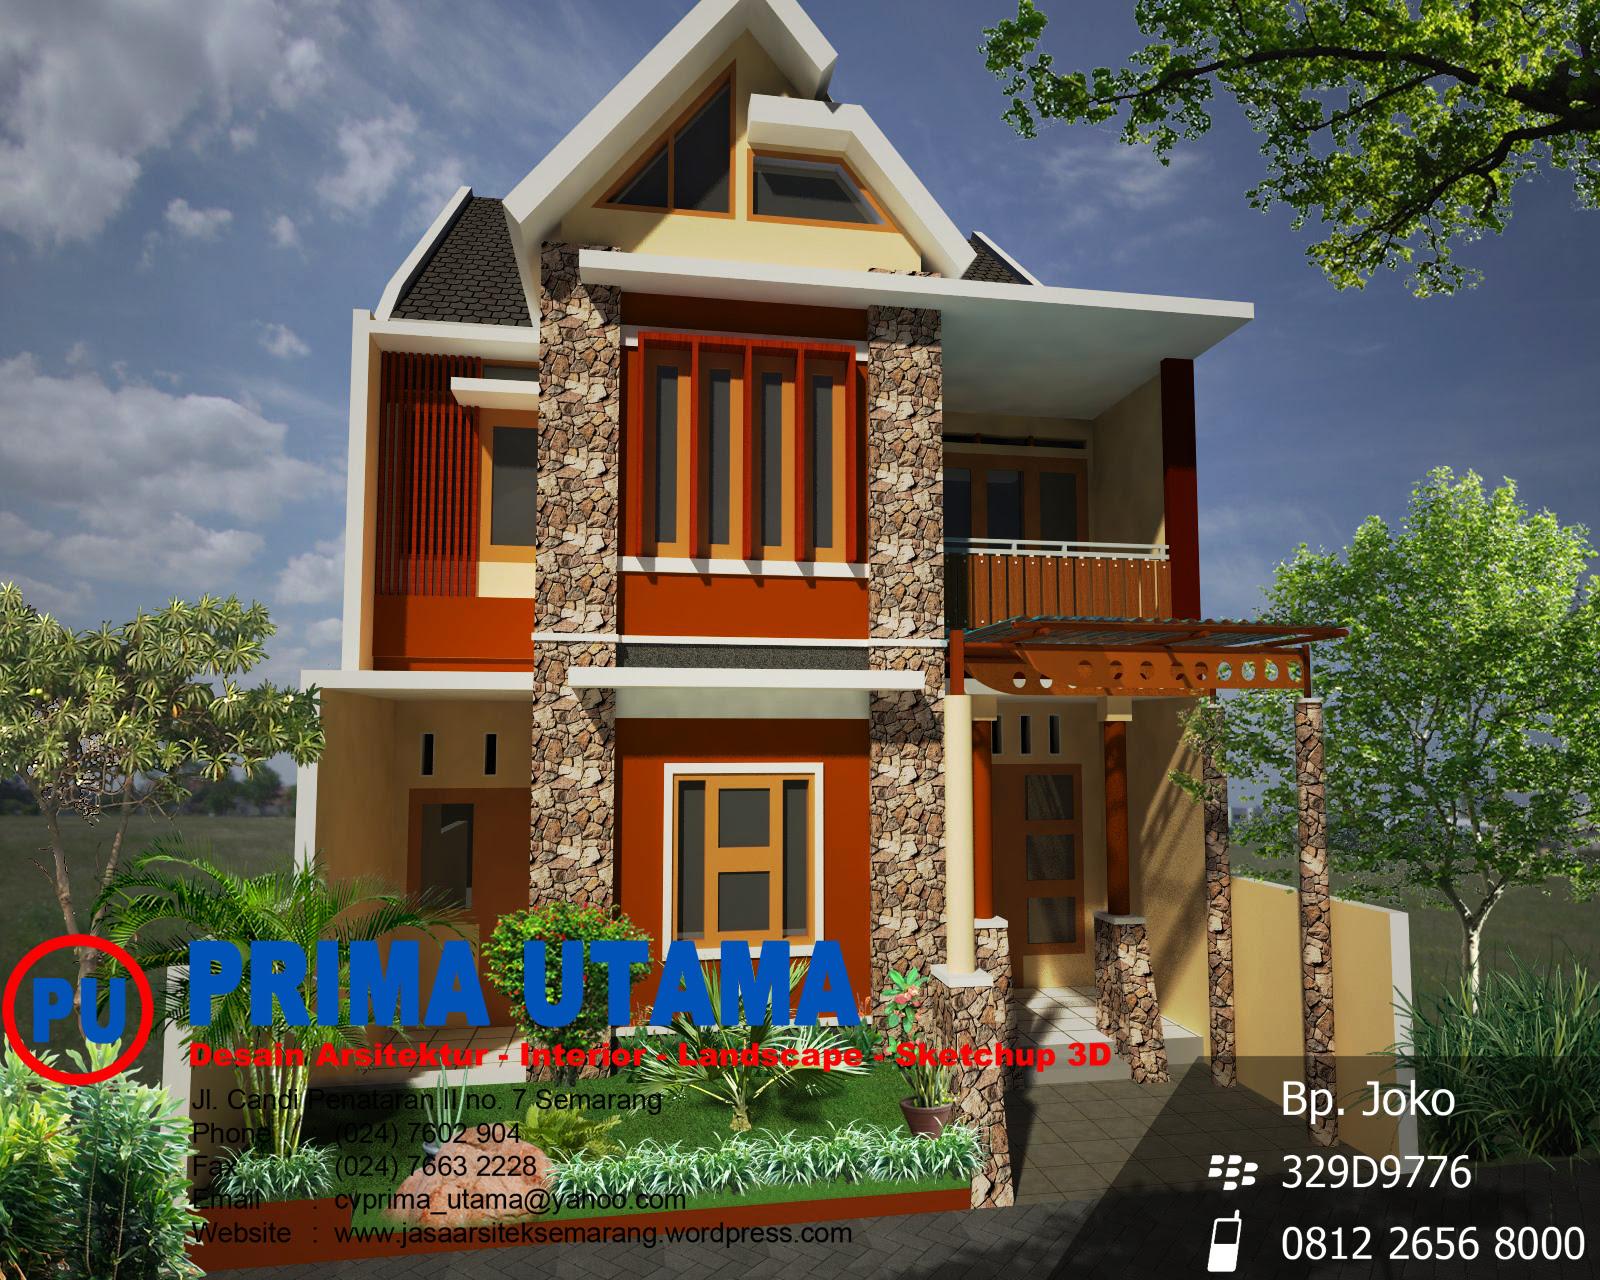 Gambar Denah Rumah Jawa Sederhana | Desain Rumah Minimalis ...